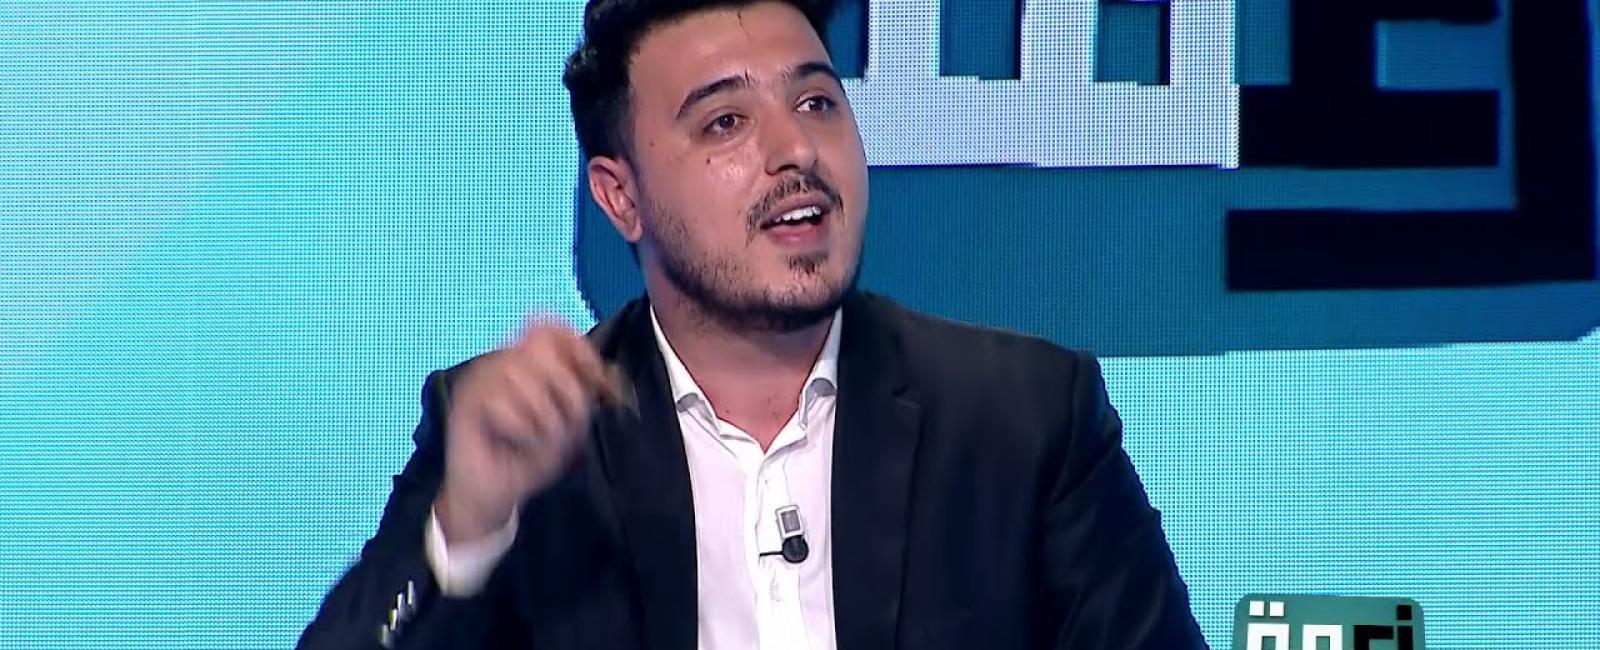 #زعمة الشباب مستقيل من الحياة السياسية؟